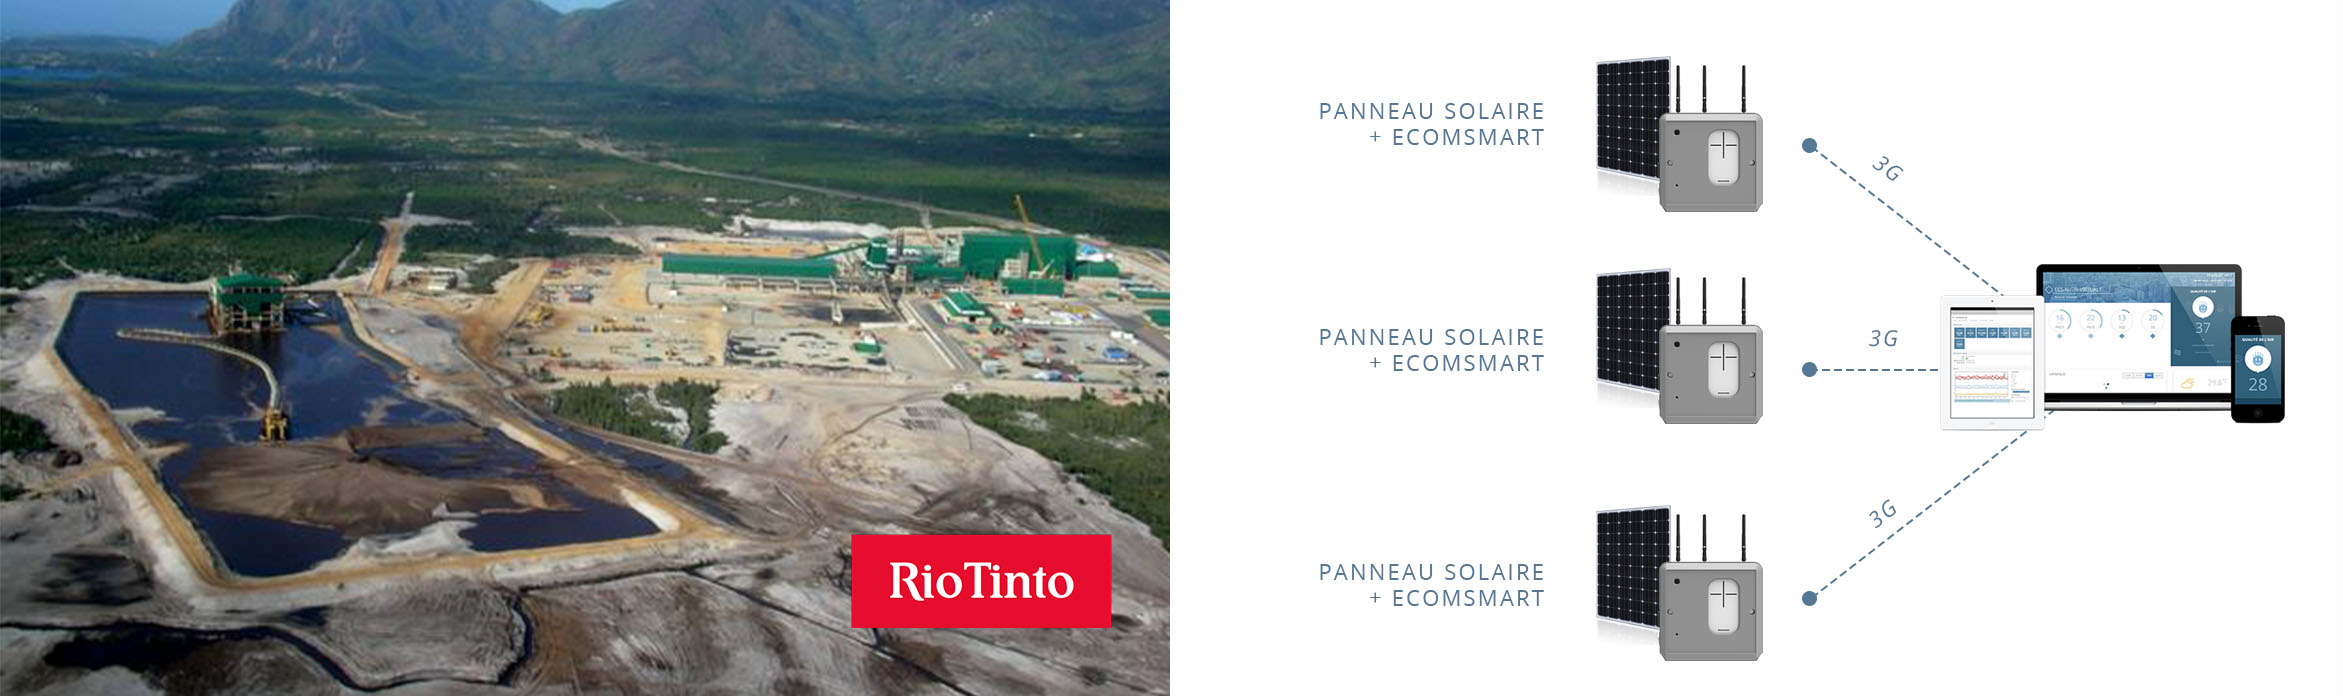 Projet RioTinto